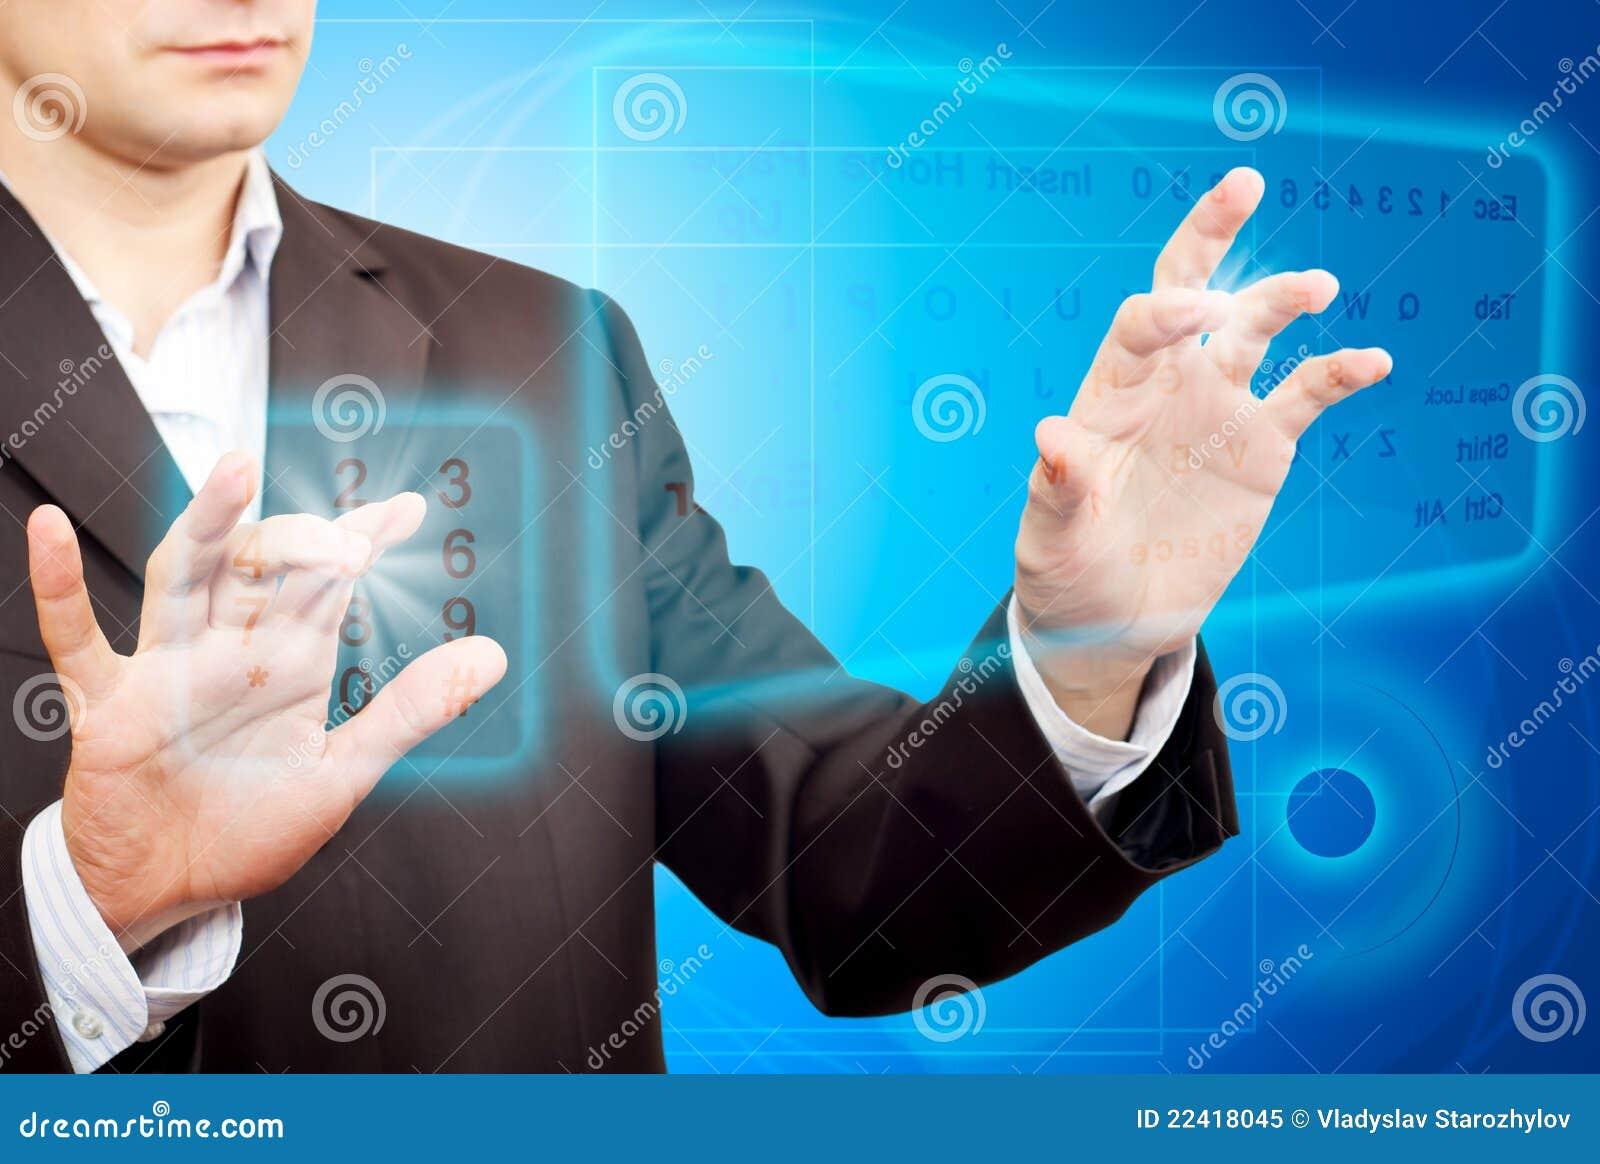 Mains poussant un bouton sur un écran tactile.